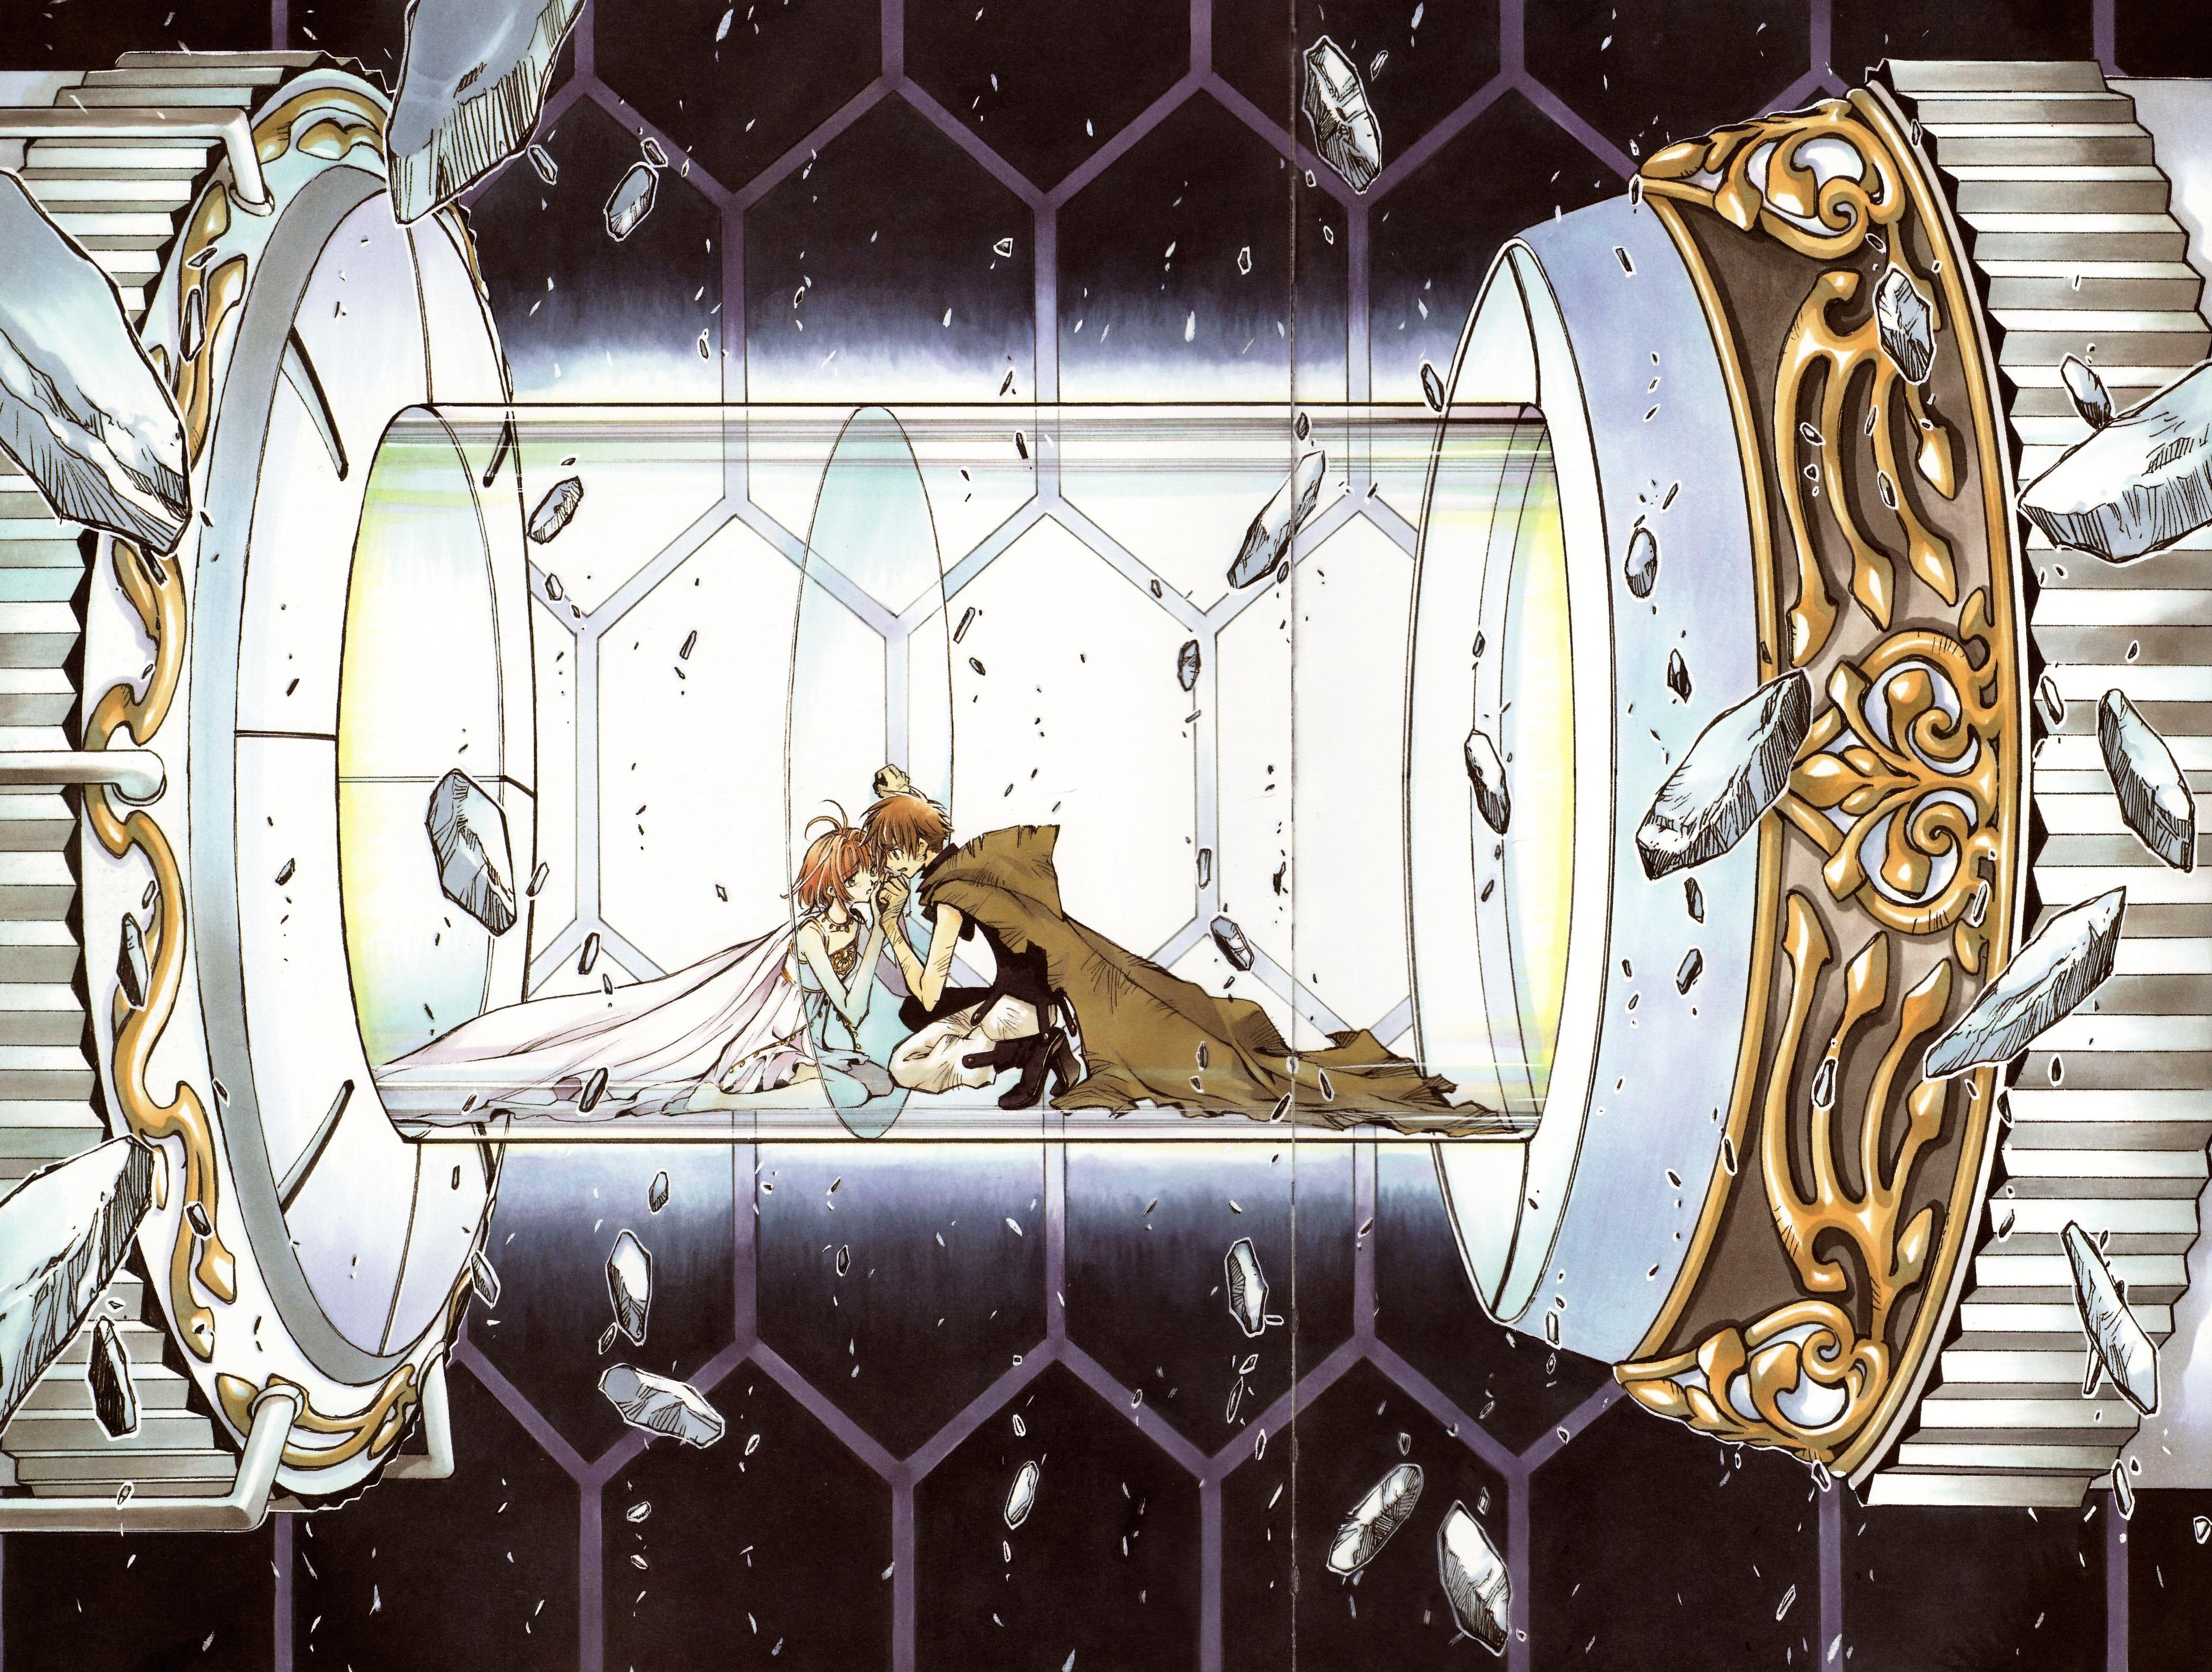 Tsubasa: RESERVoir CHRoNiCLE - CLAMP - Zerochan Anime Image